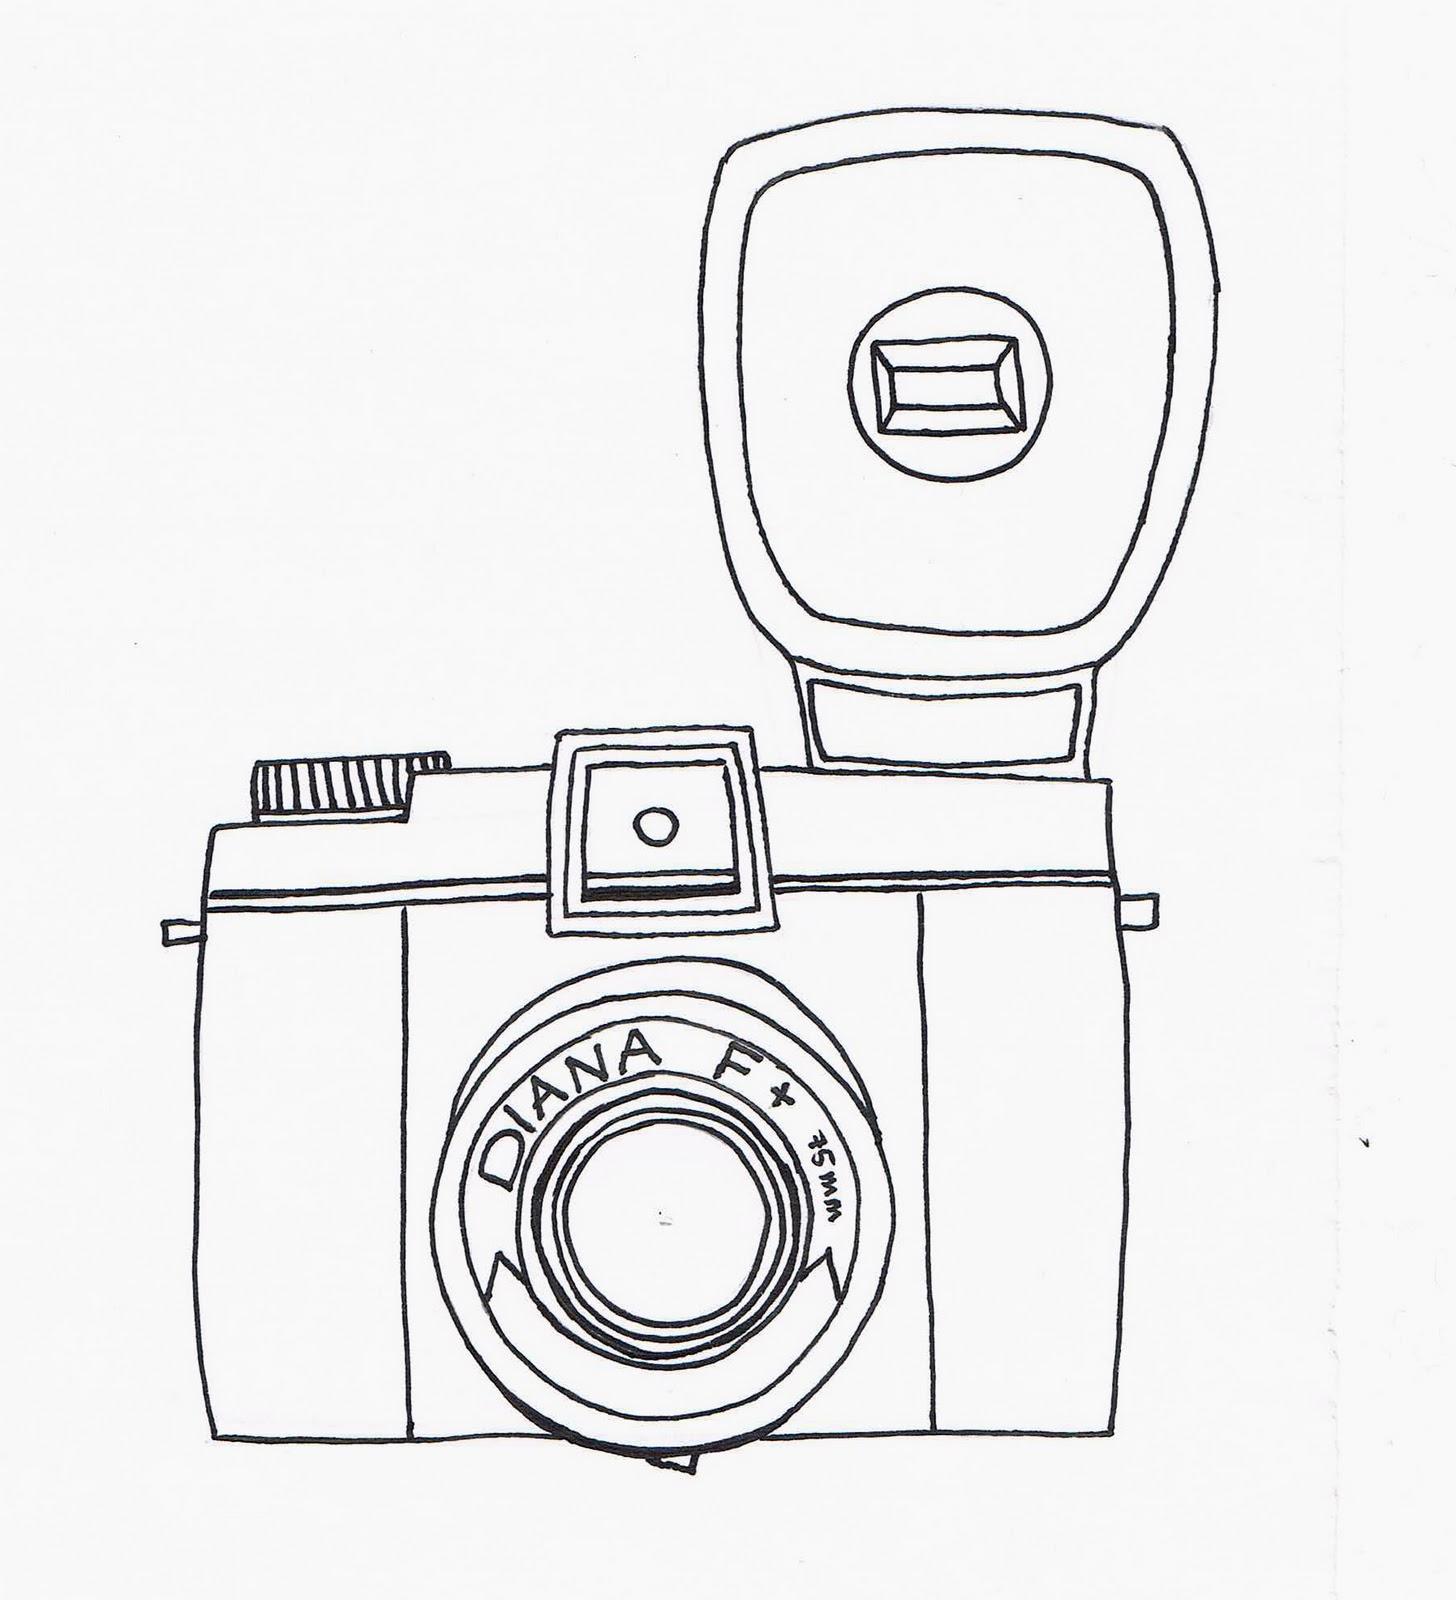 Polaroid Camera Tumblr Sketch Sketch Coloring Page